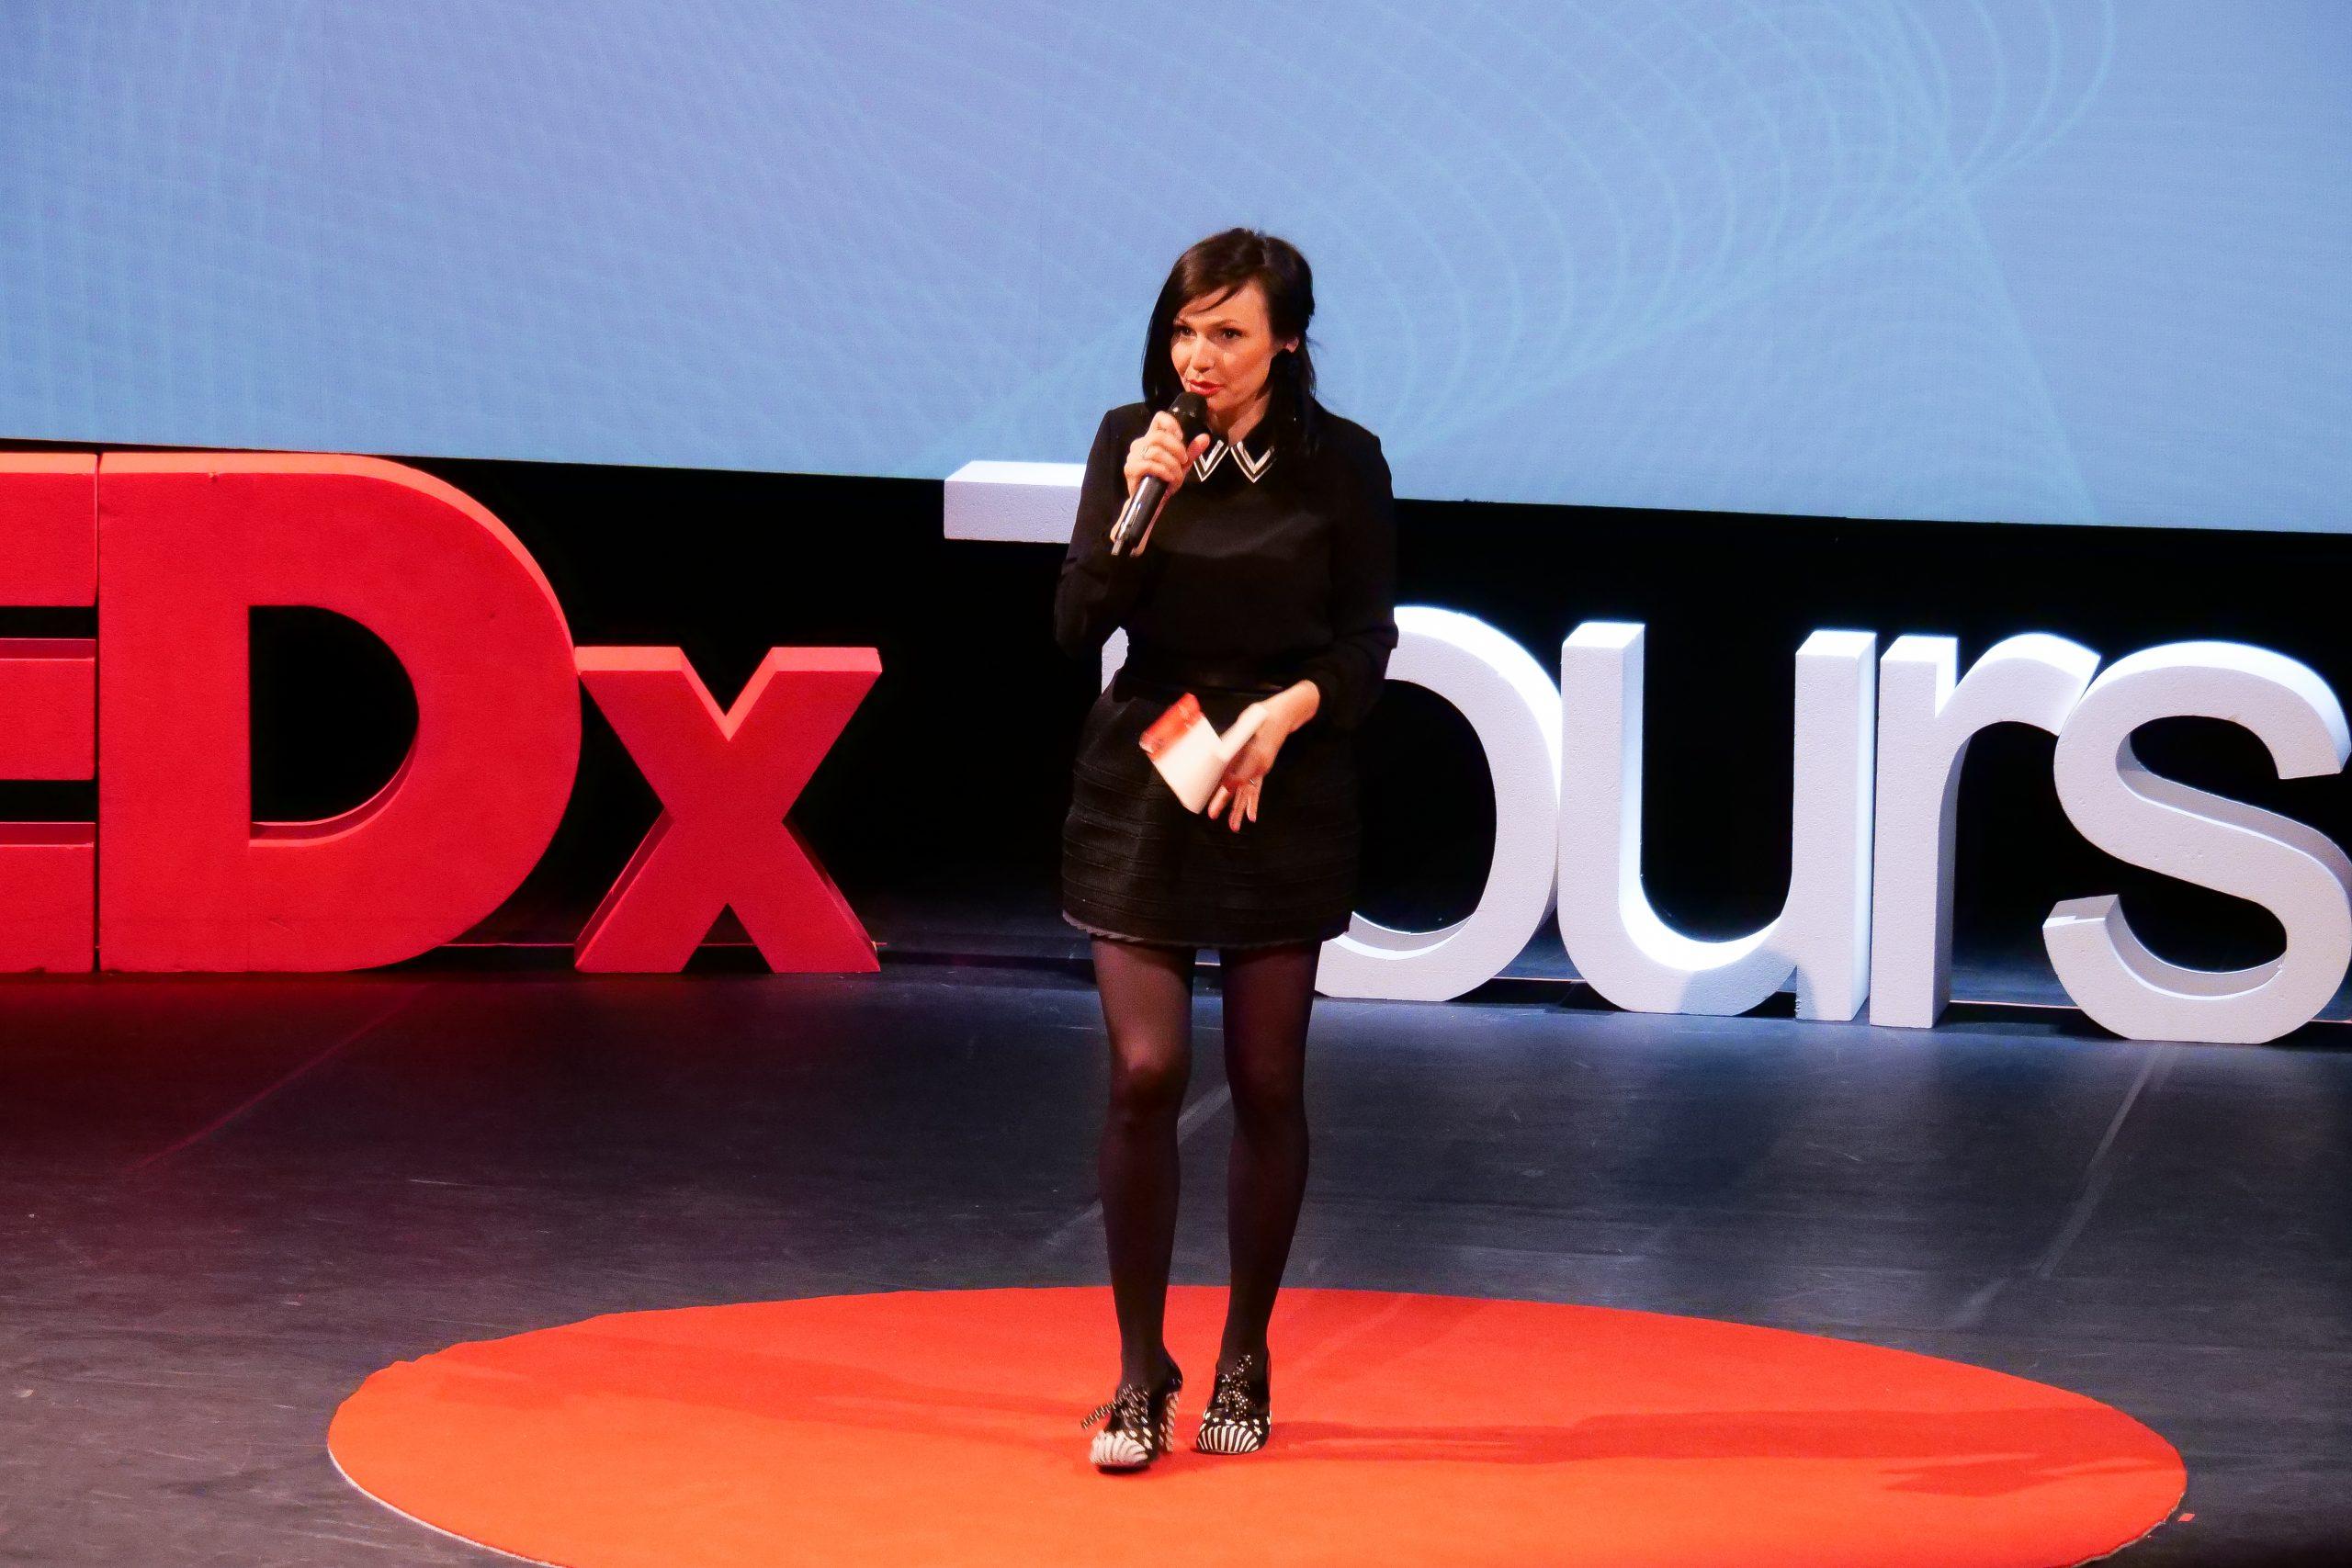 TEDxTours 2018 23